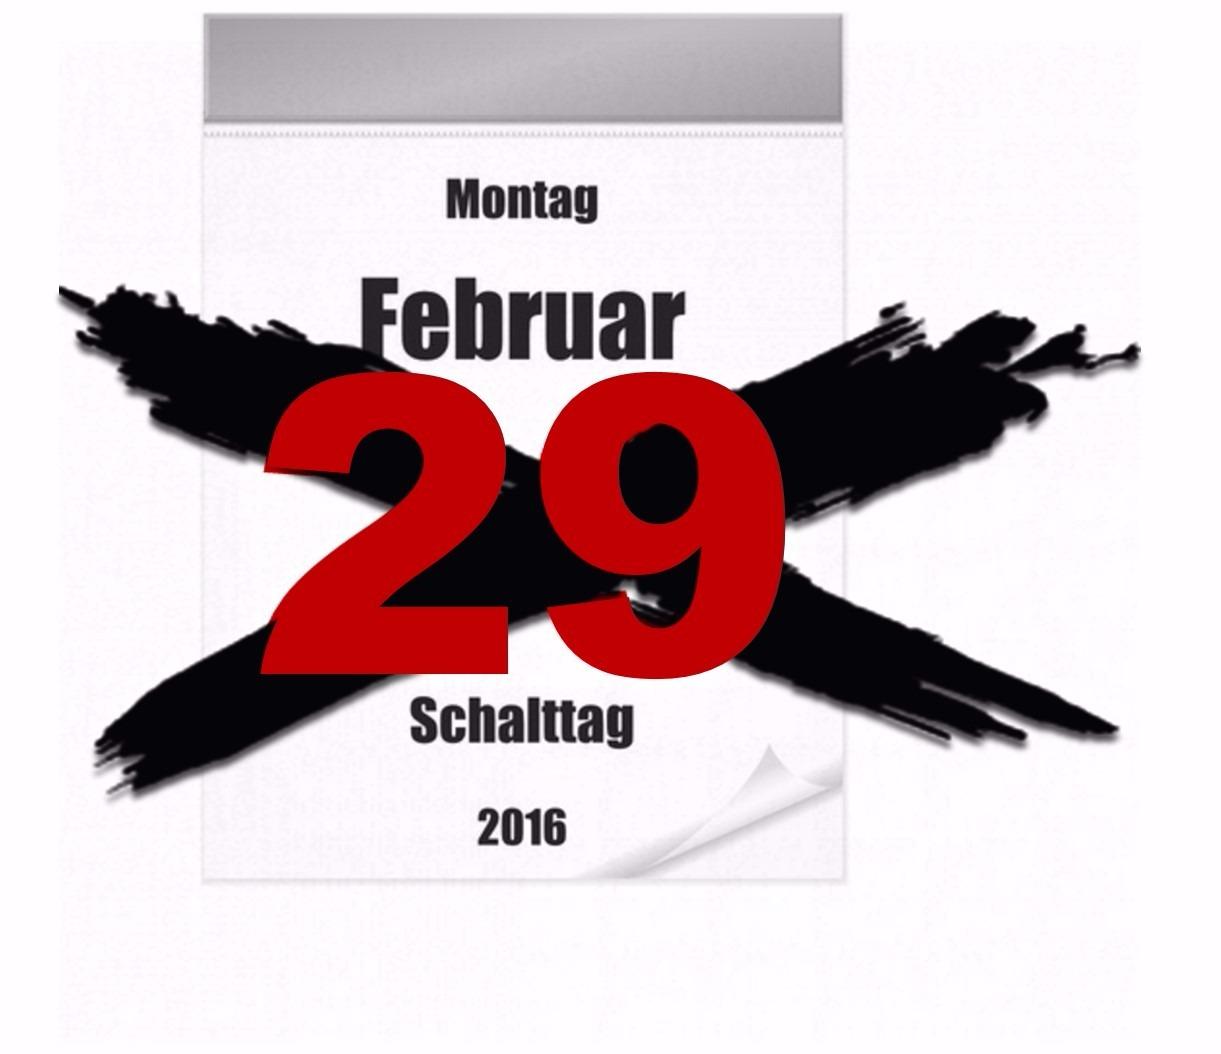 Schalttag 29 Feb 2016